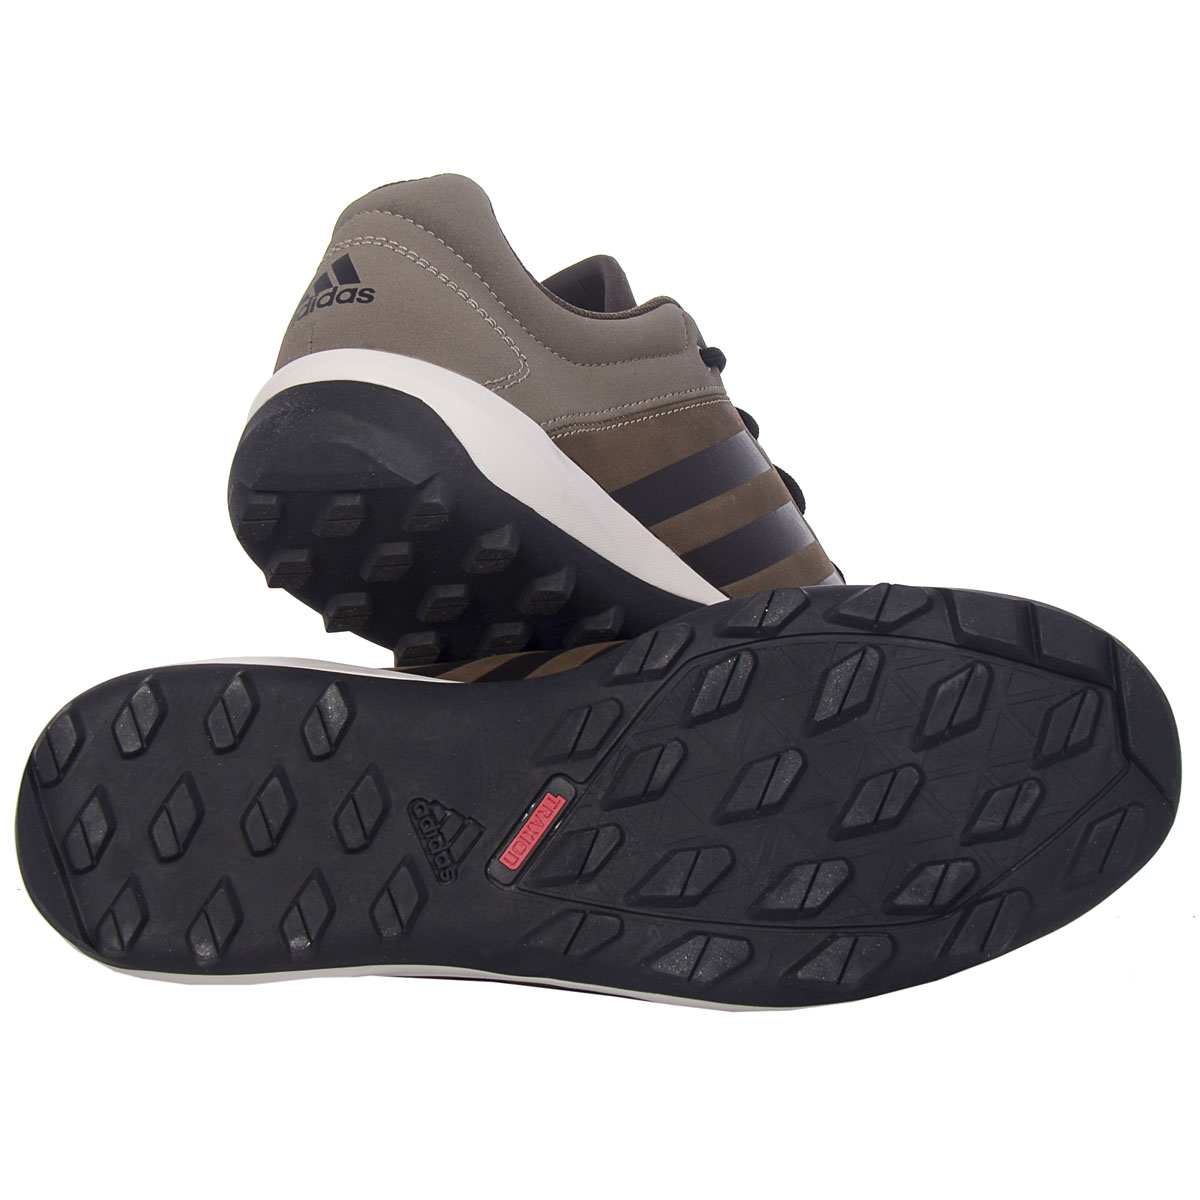 NEU adidas Daroga Plus Lea Herren Schuhe Braun AQ3978 SALE   eBay